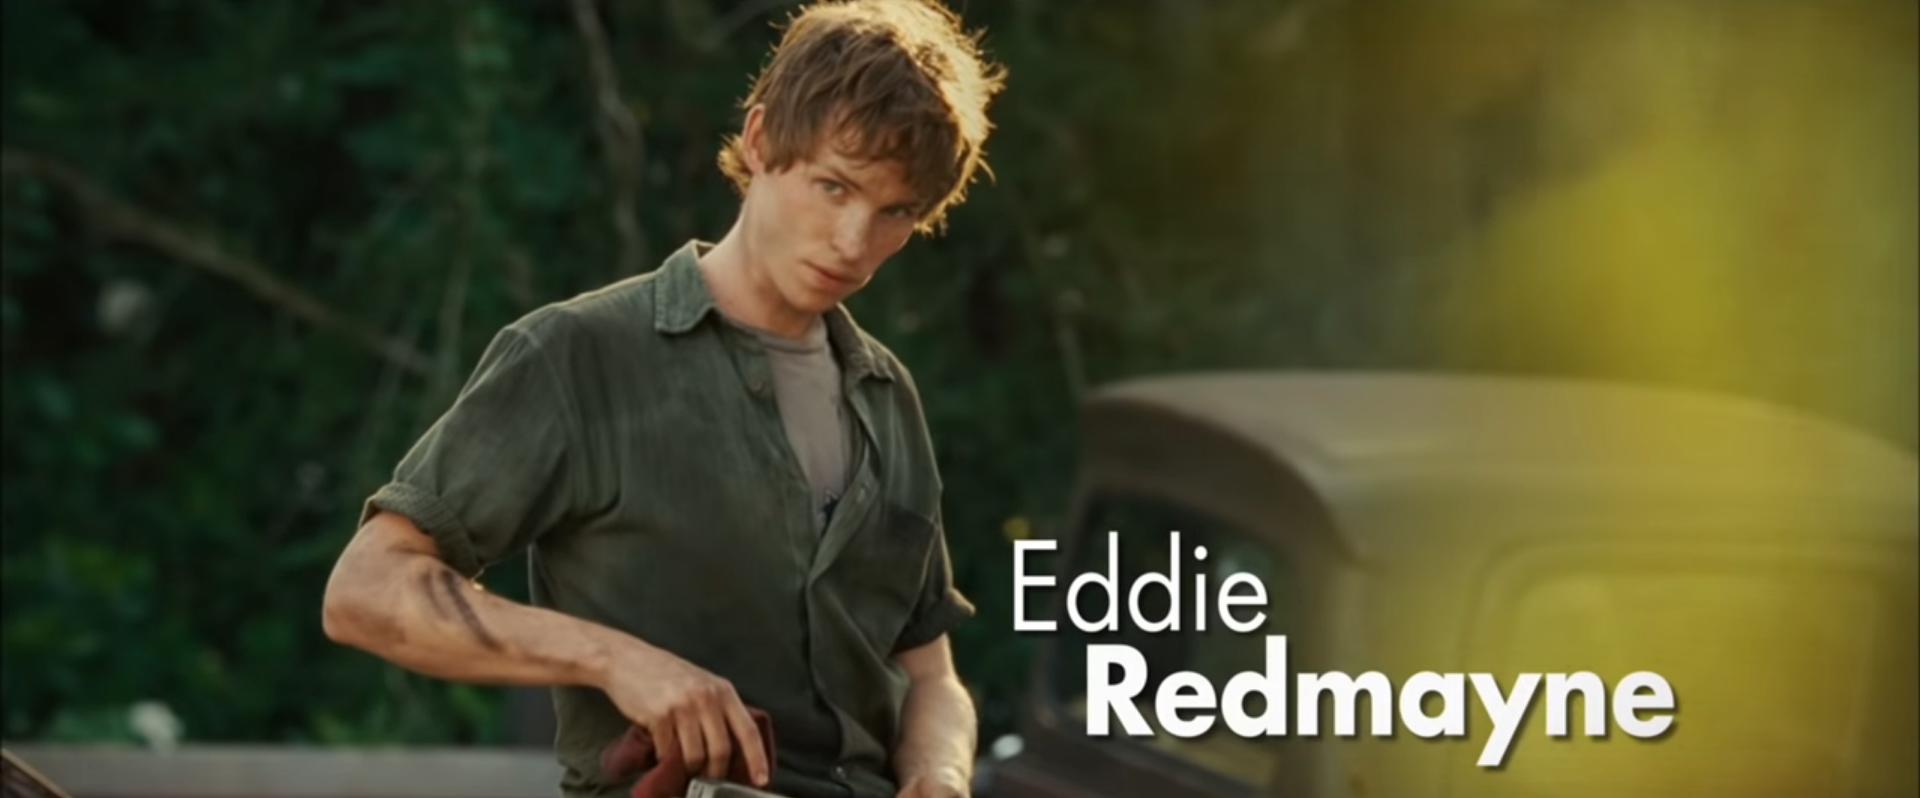 เอดดี้ เรดเมน ภาพยนตร์